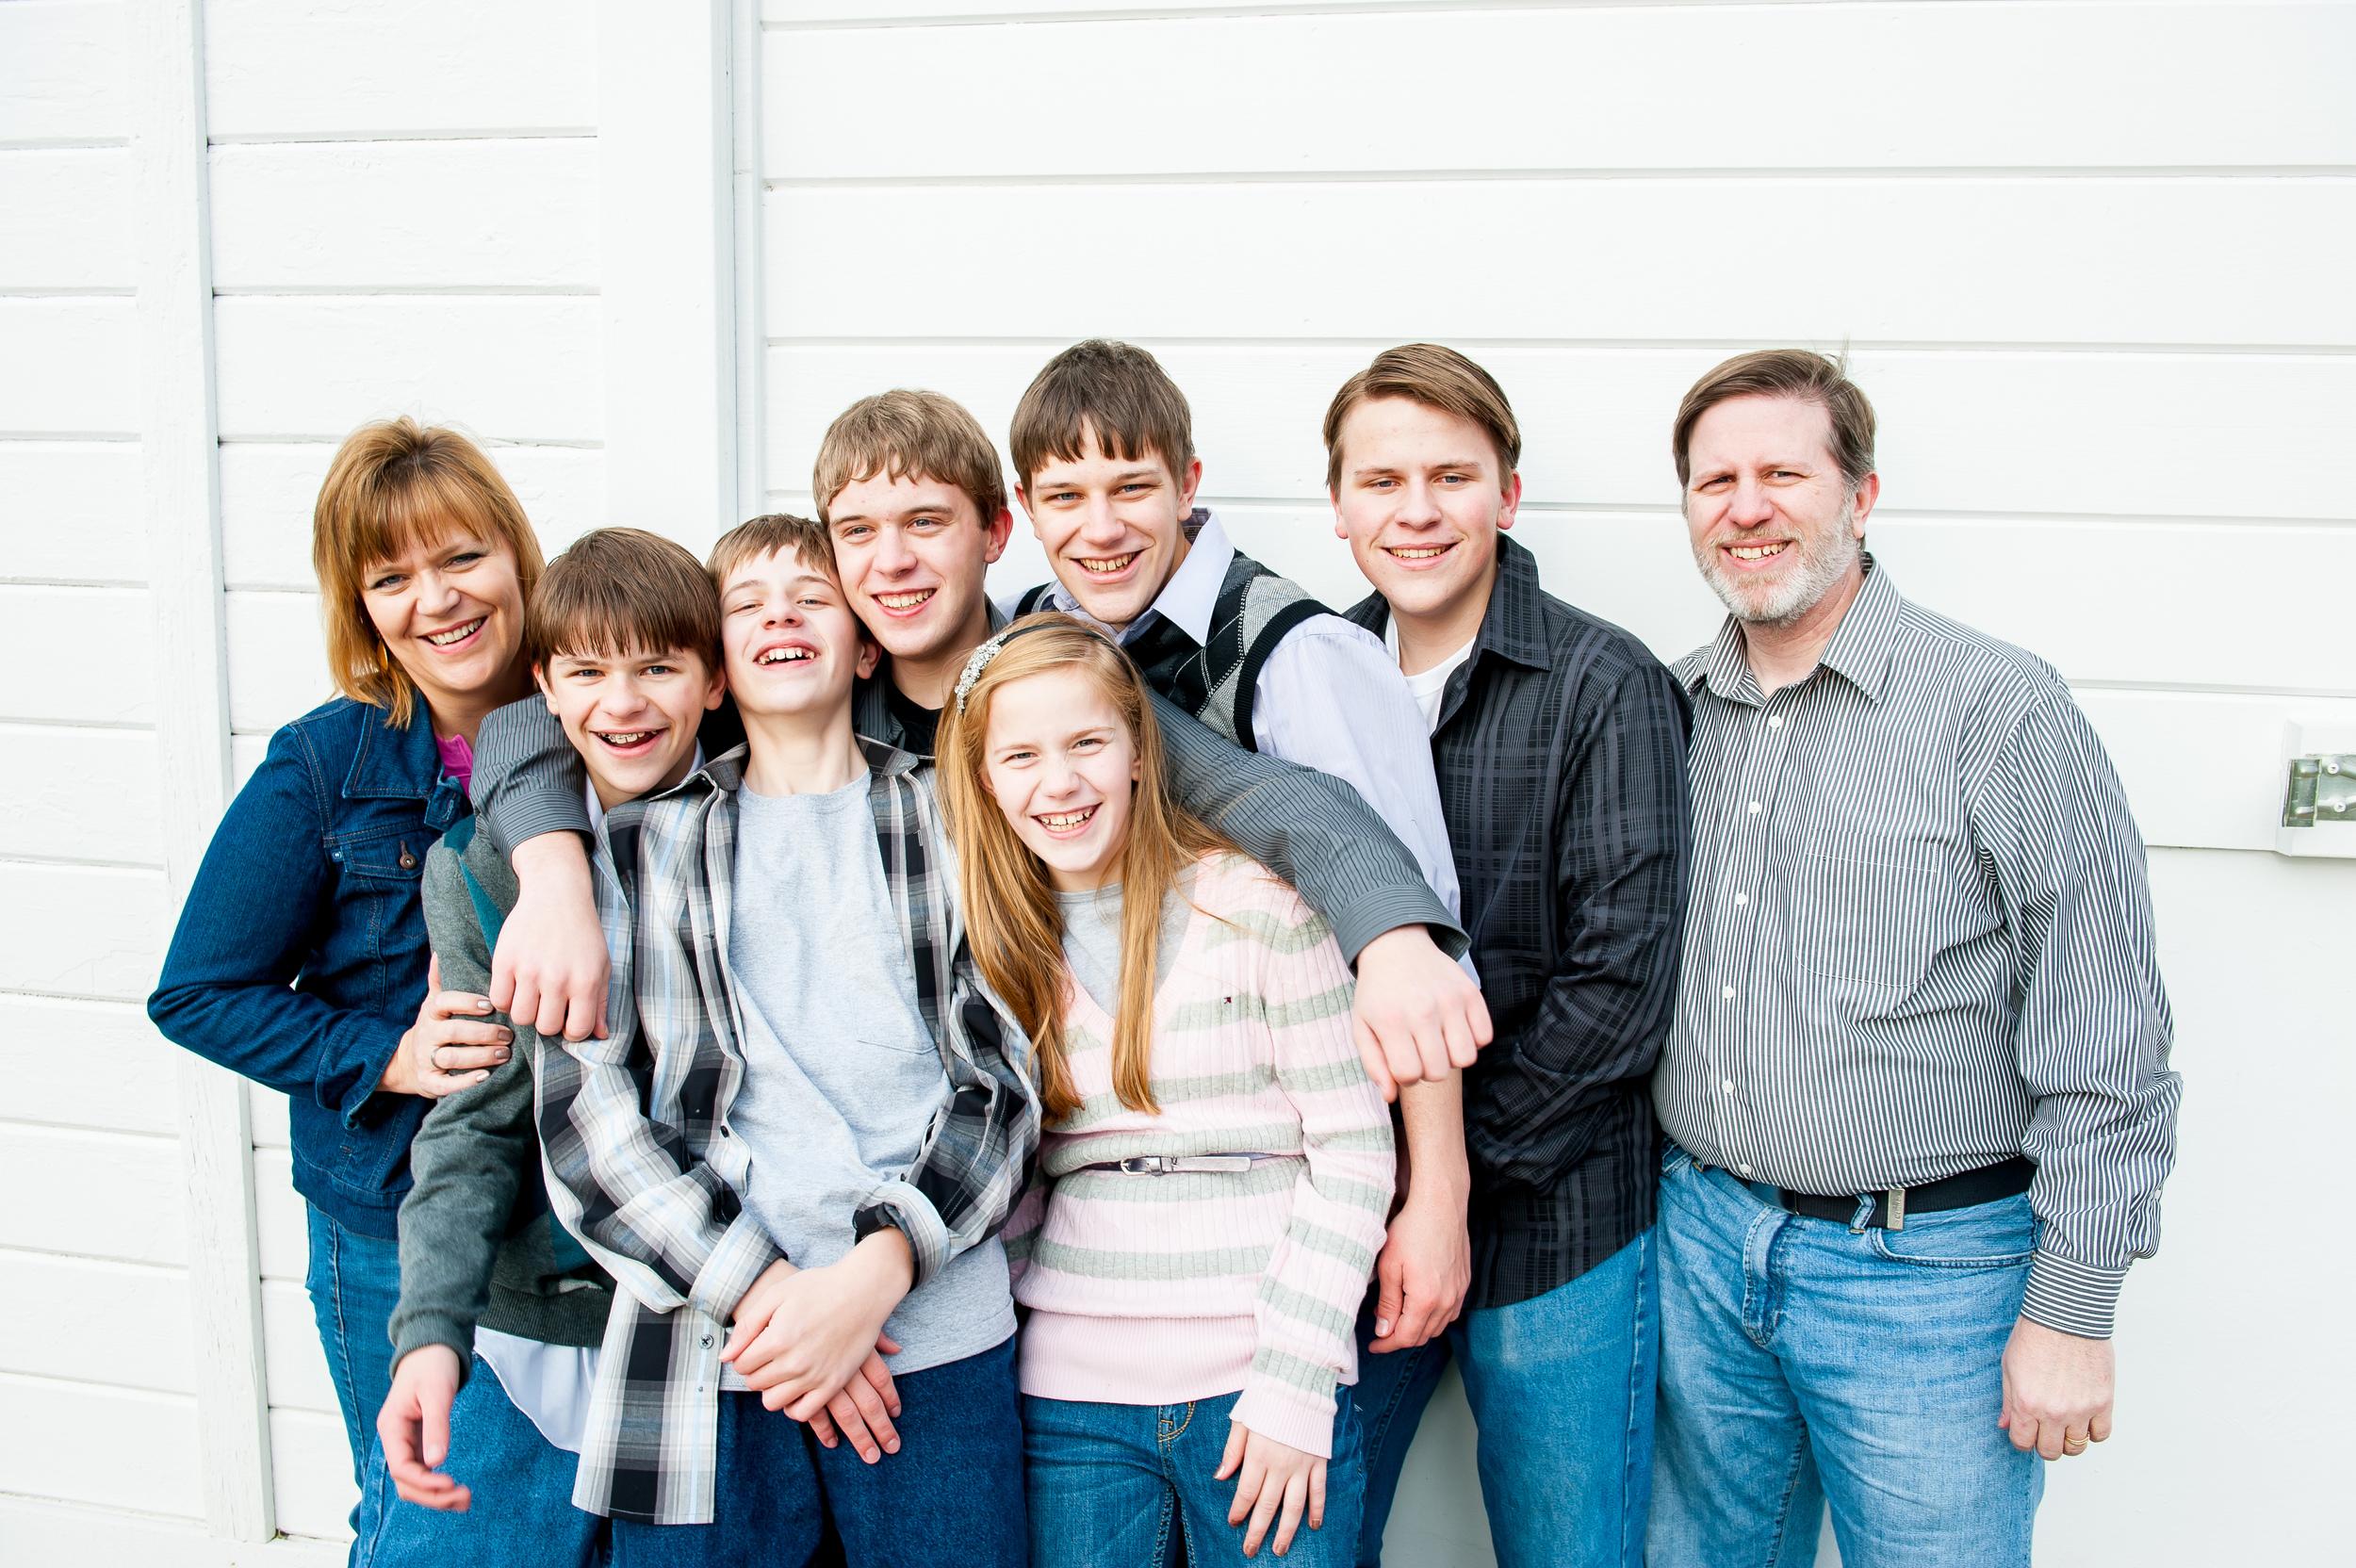 2013 Jan, Family Photo, Doreen, Matt, Chris, Jason, Jessie, Kray, Mike, Steve (25).jpg